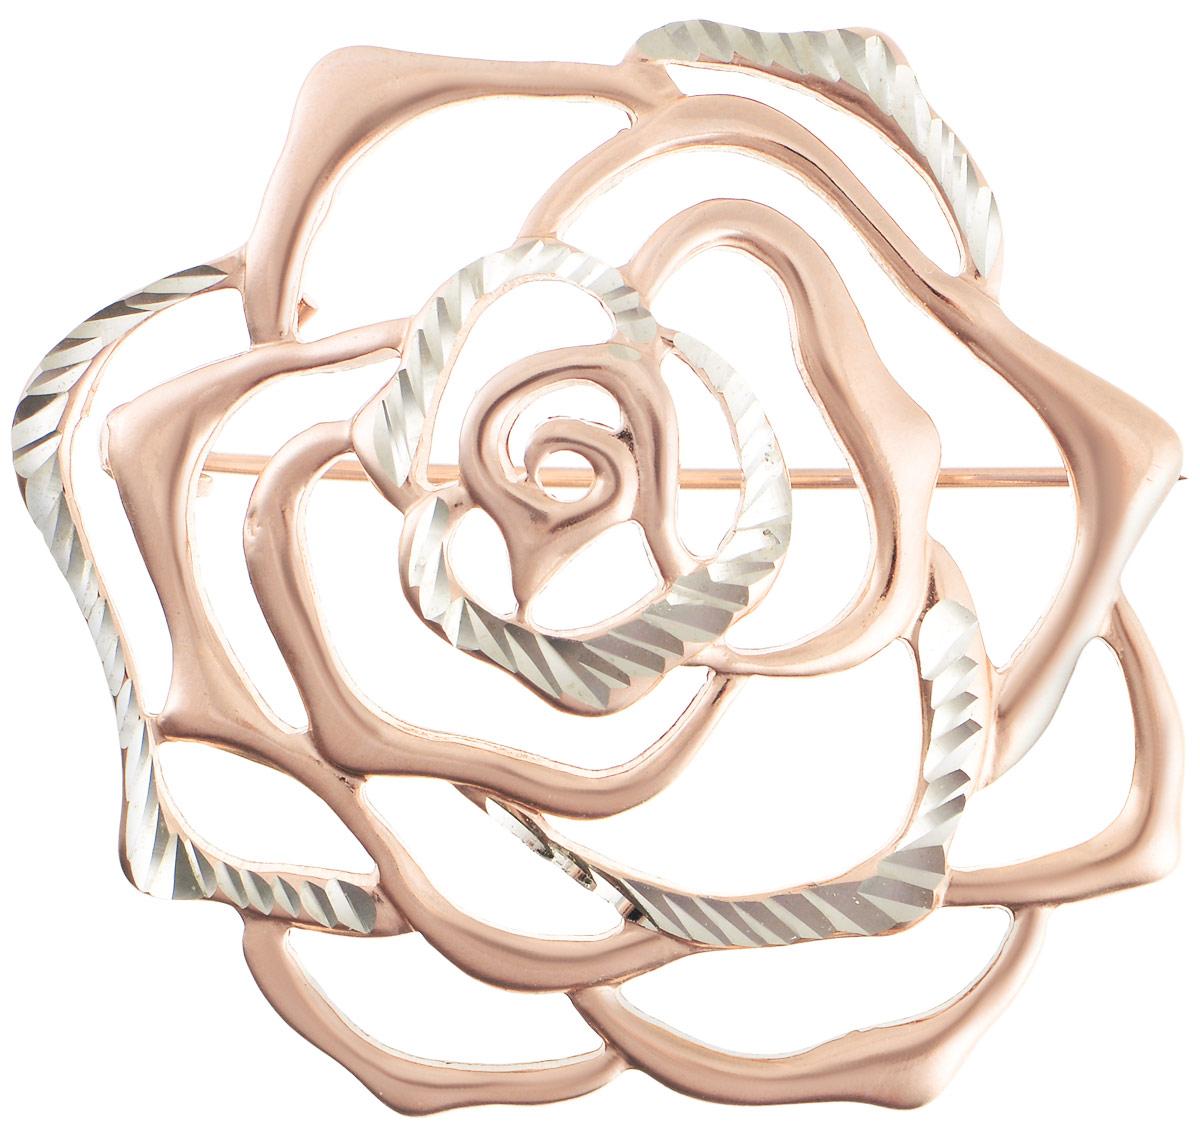 Брошь Vittorio Richi, цвет: золотистый. 91557686vrБрошь-булавкаБрошь Vittorio Richi изготовлена из металла с гальваническим покрытием из золота. Декоративный элемент выполнен в виде розы. Изделие застегивается с помощью замка-булавки.